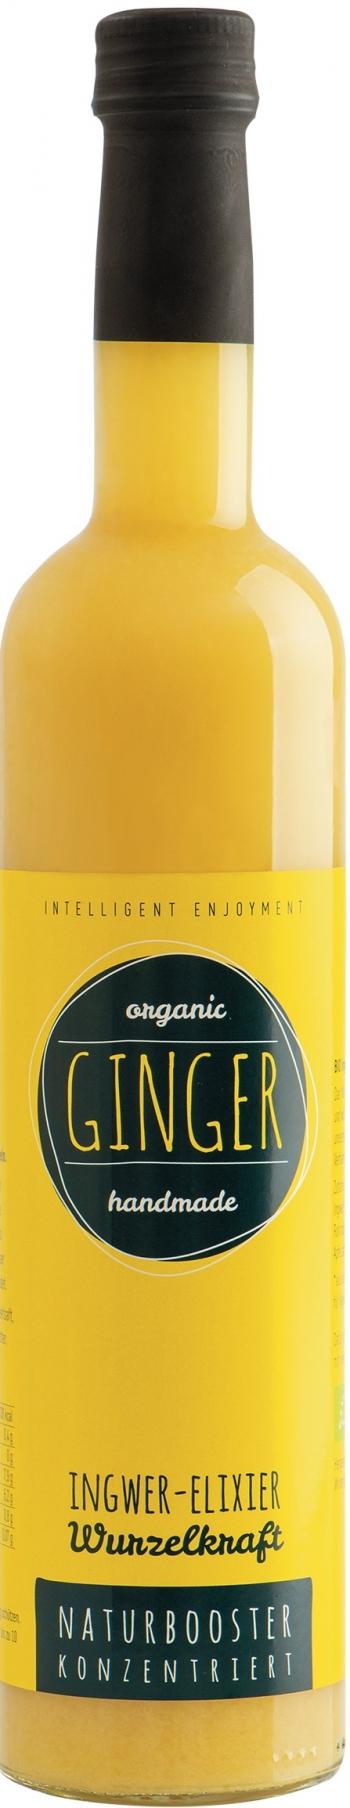 Bio Ginger Wurzel-elexier, 0,5Lt Retter